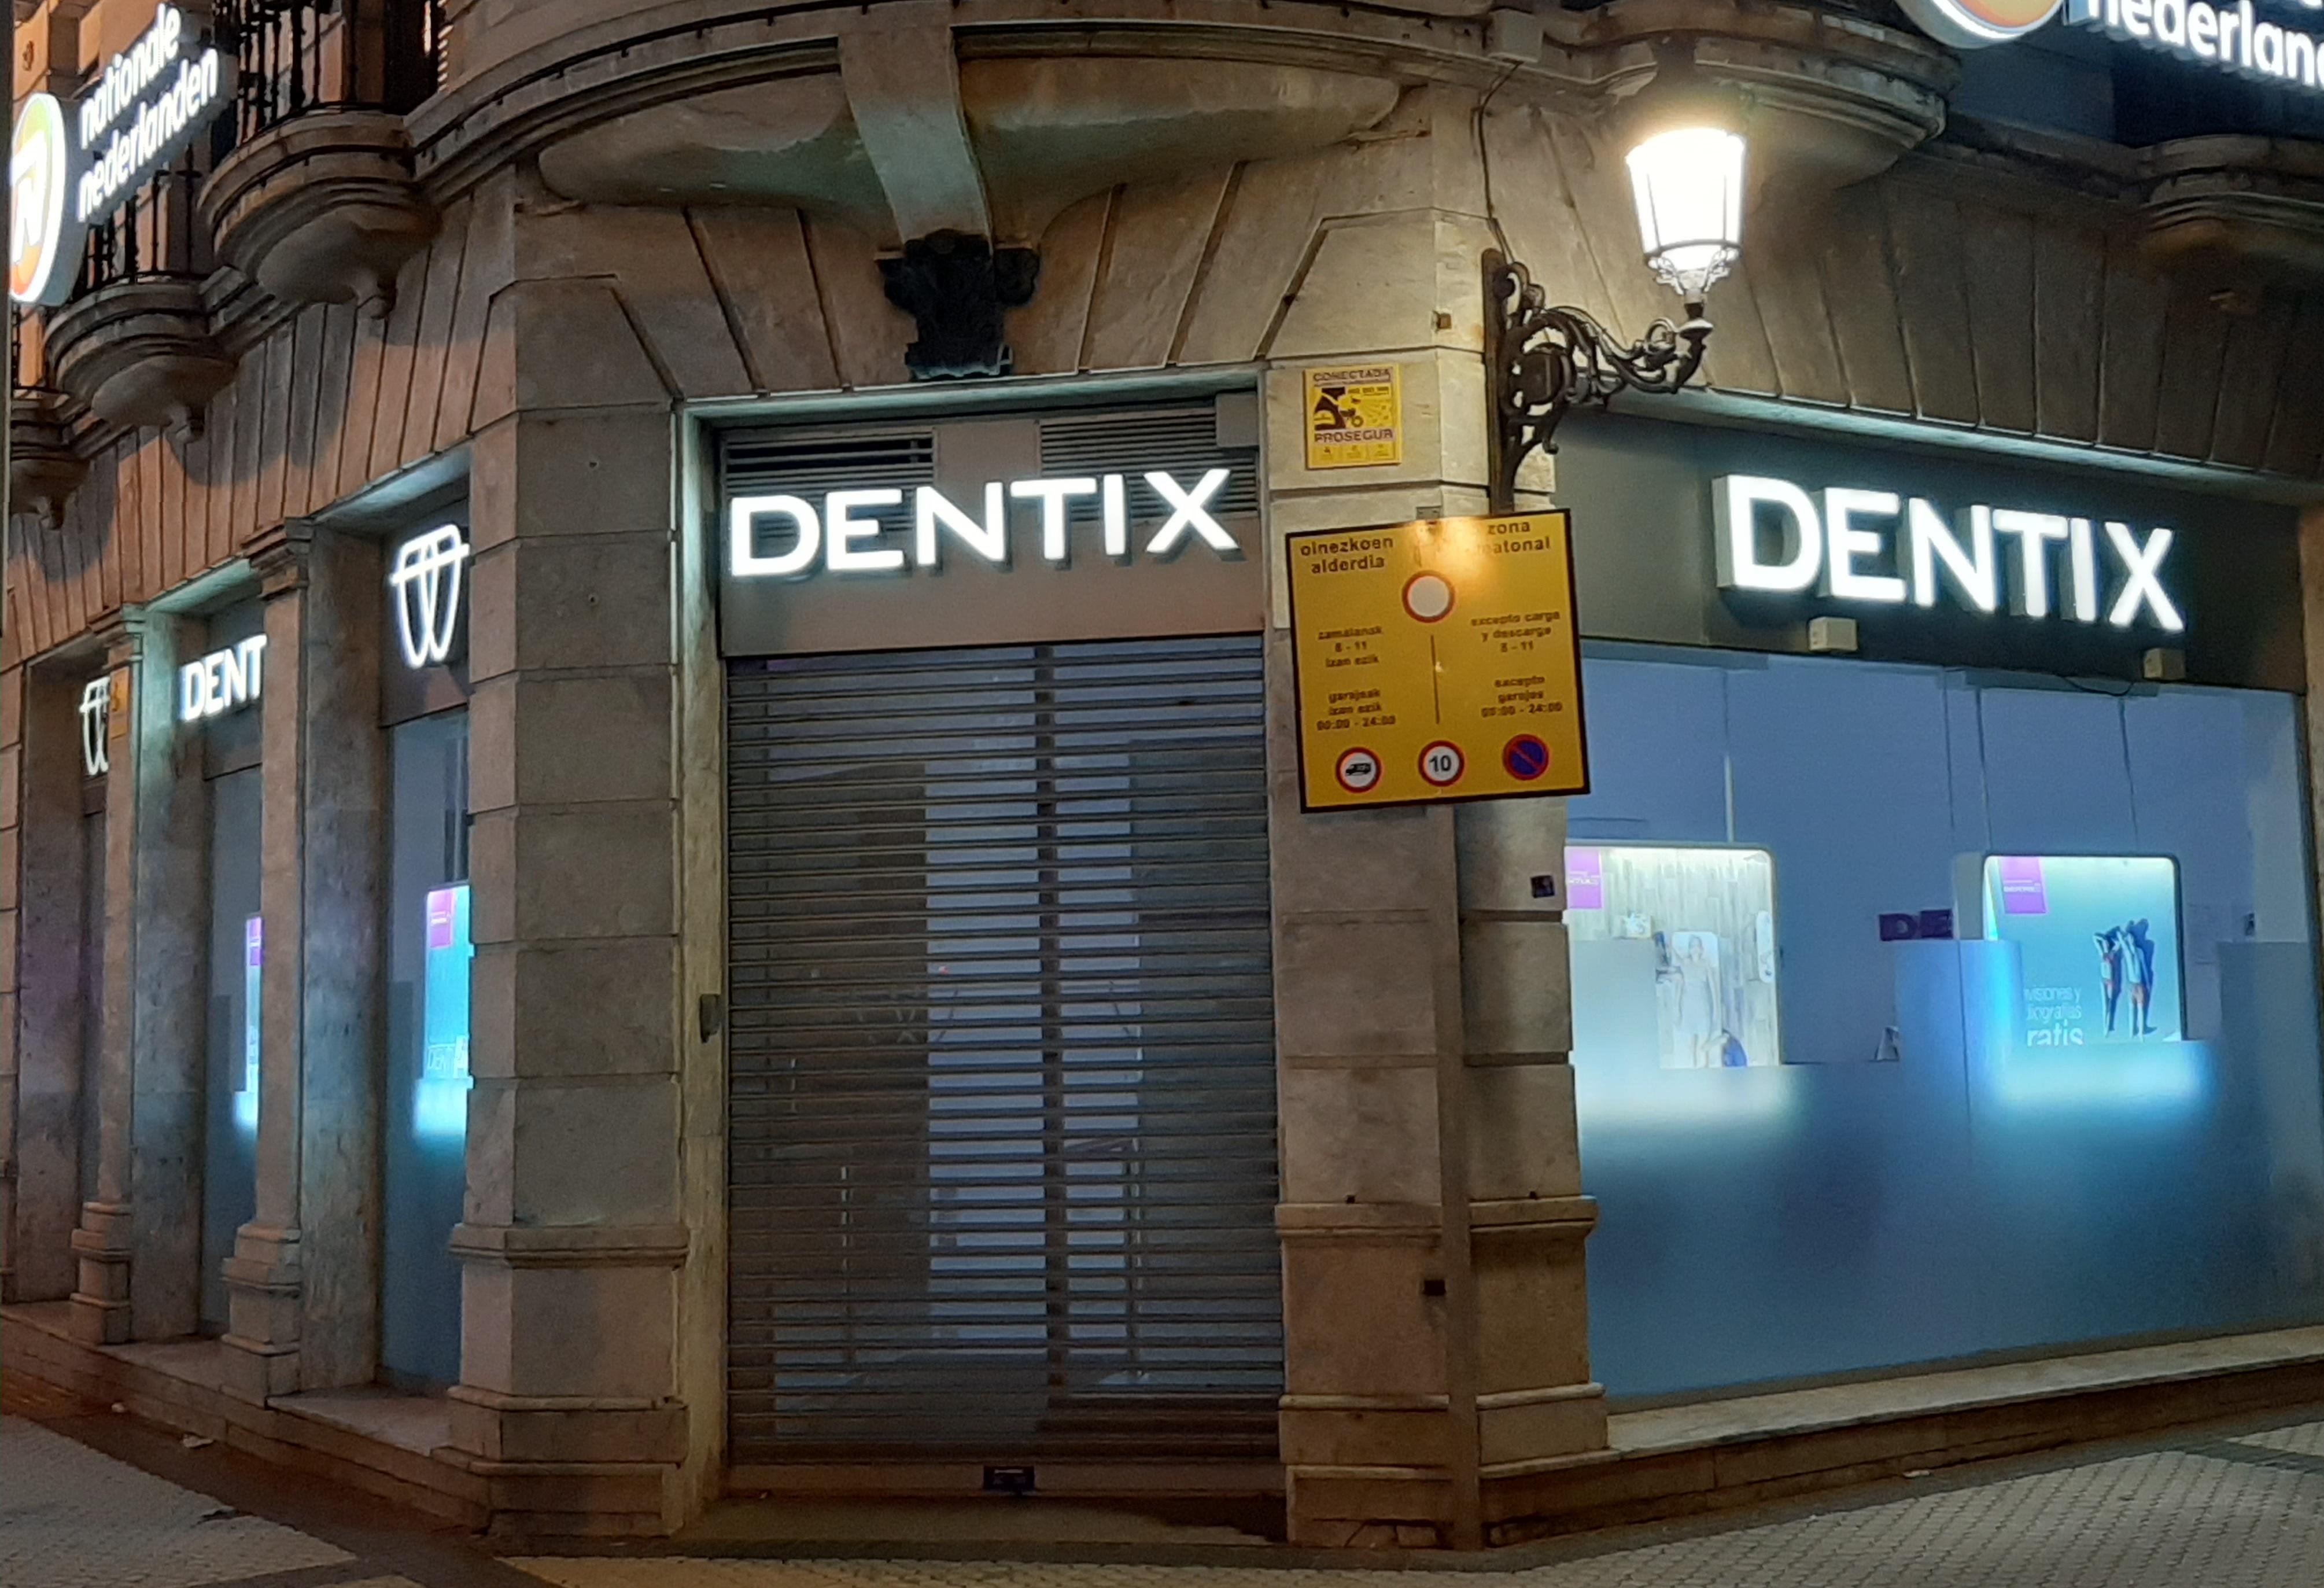 """Centri odontoiatrici DENTIX, U.Di.Con.: """"Abbiamo chiesto l'istituzione di un tavolo per garantire maggiori tutele ai consumatori"""""""